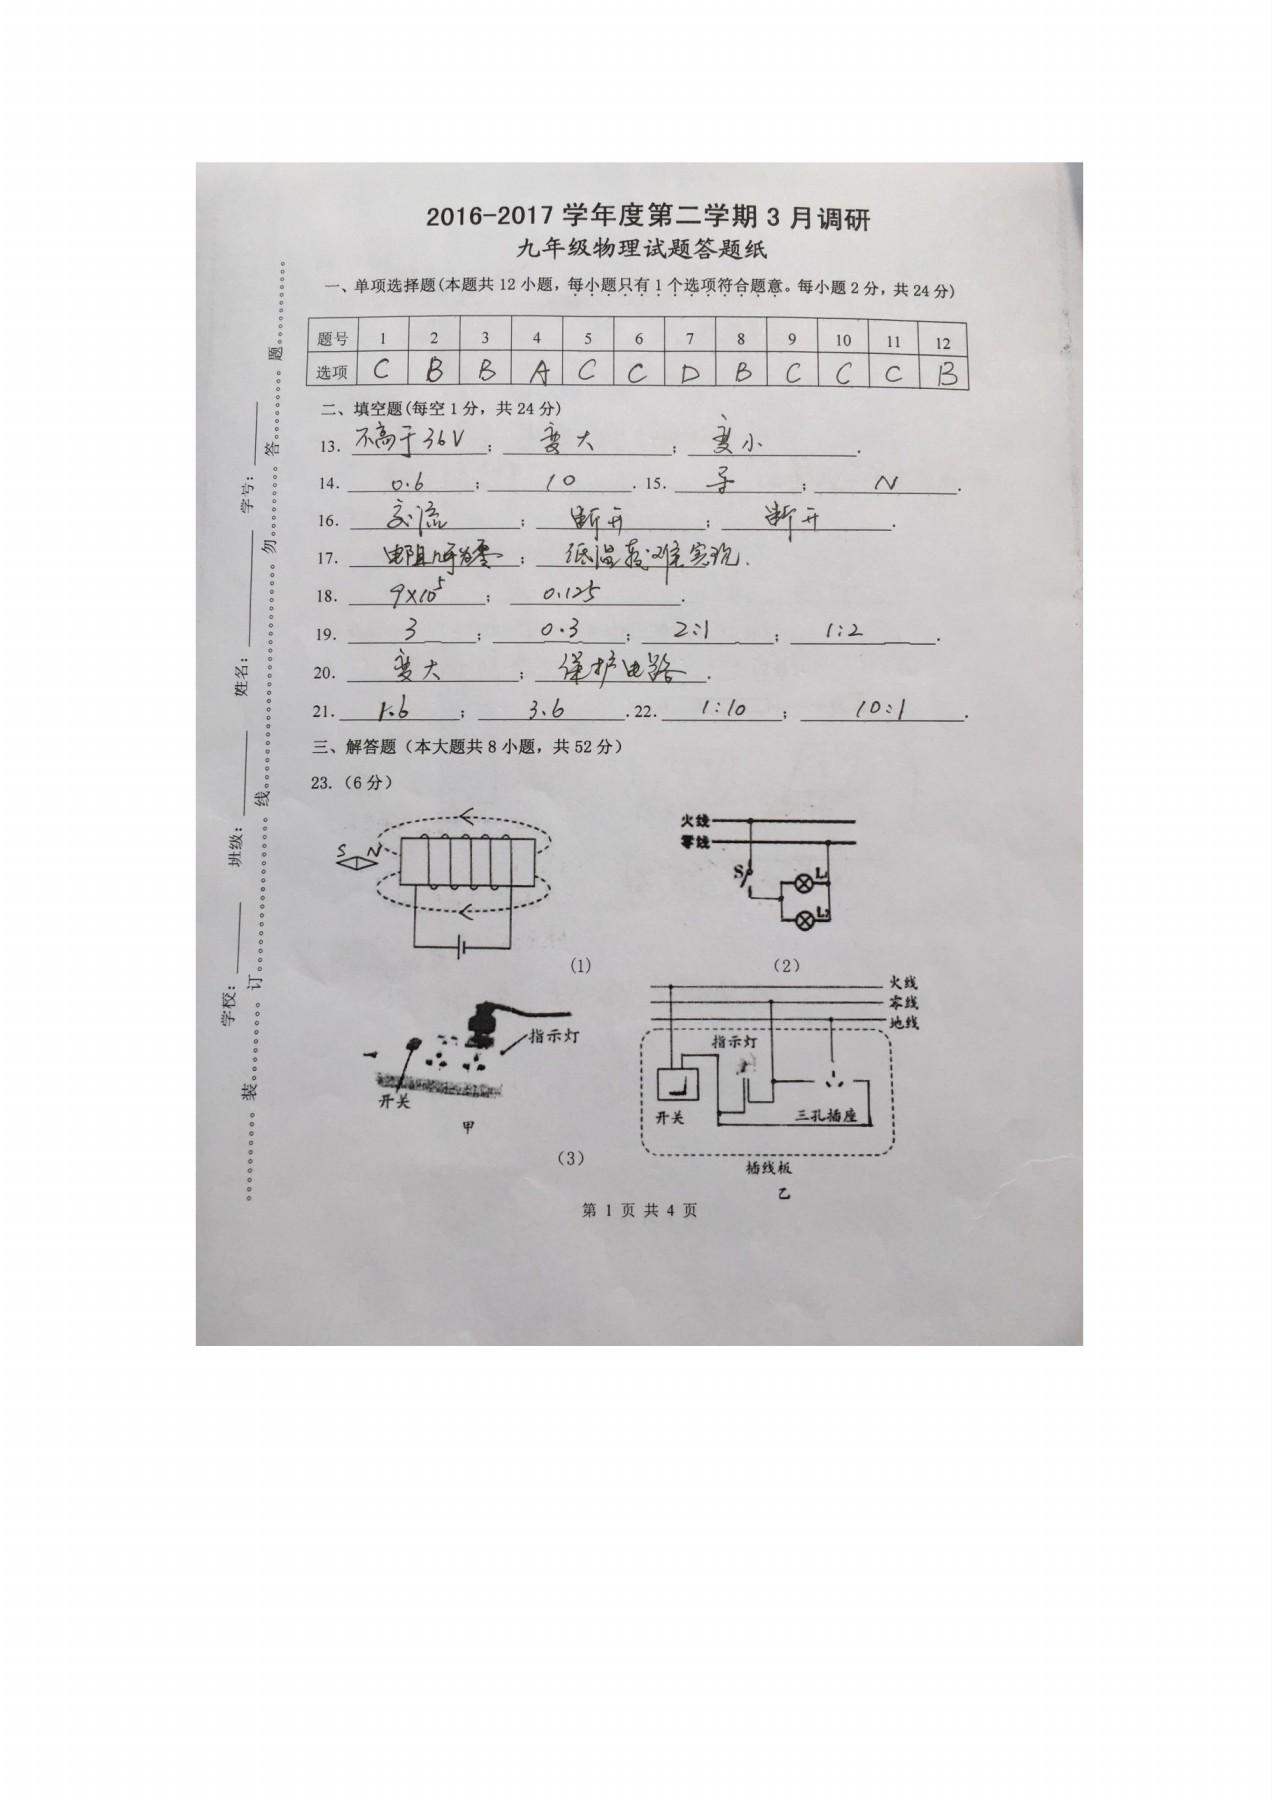 2016-2017江苏镇江丹徒九年级物理3月份调研试题答案(图片版)